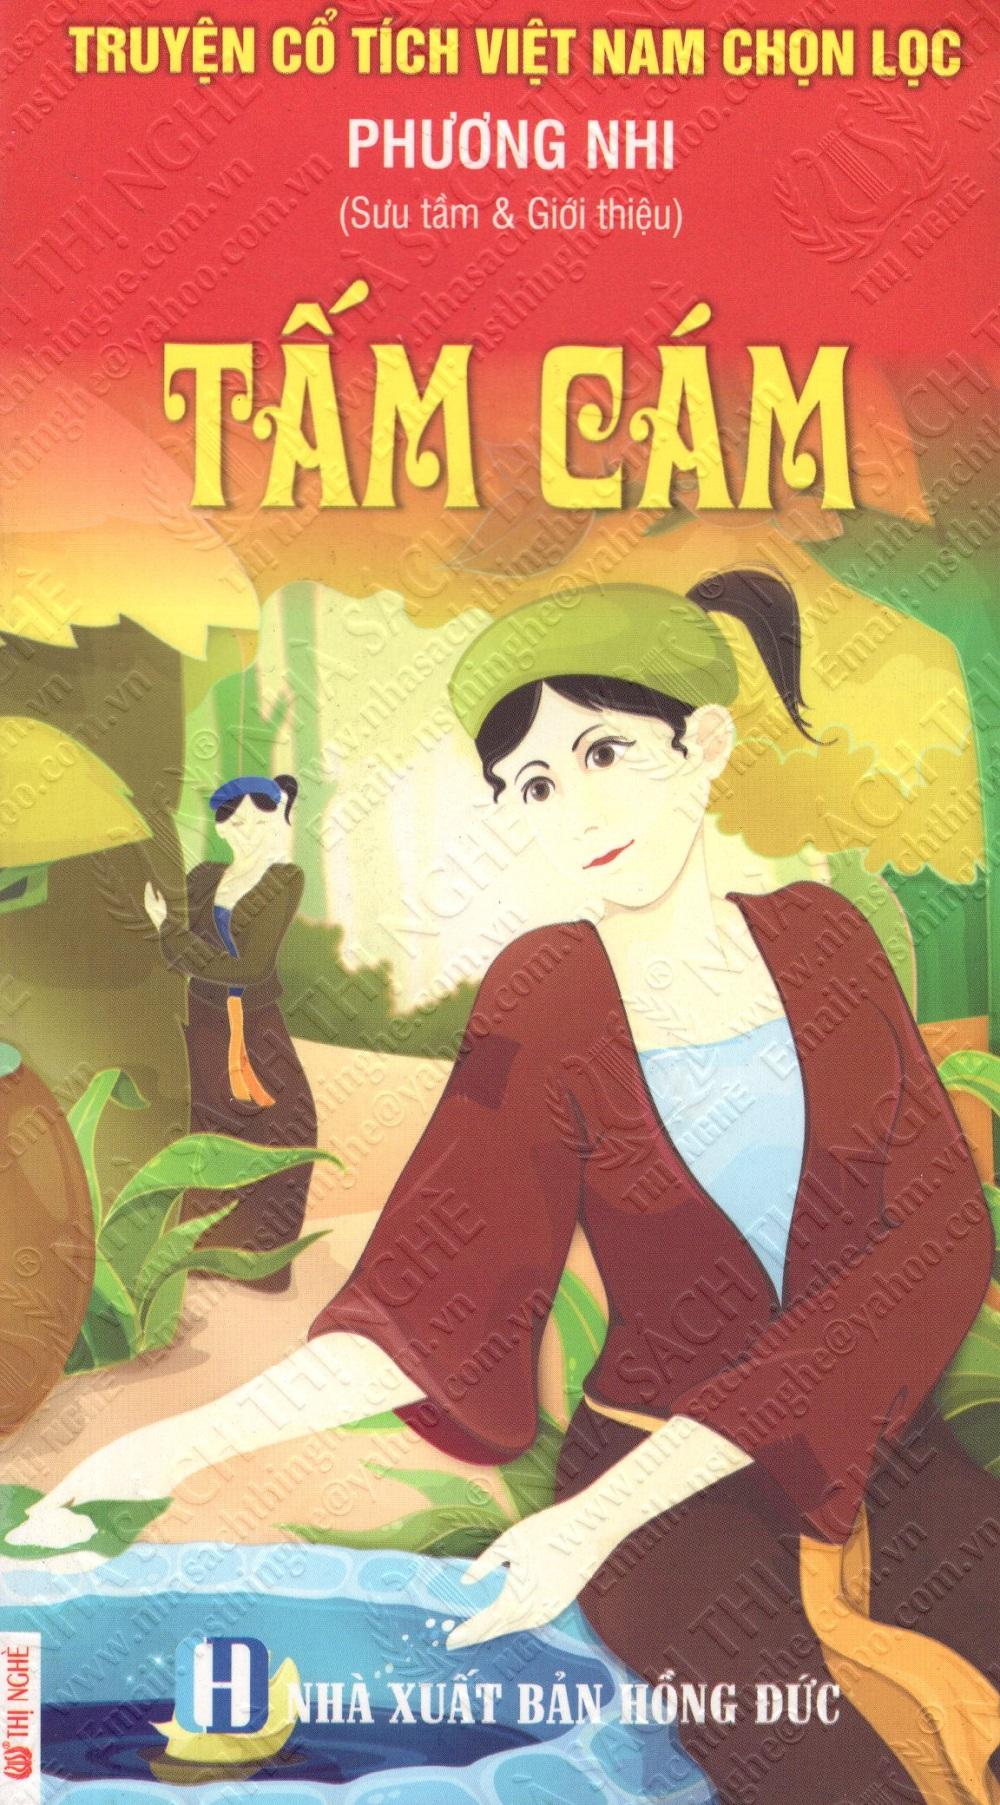 Bìa sách Truyện Cổ Tích Việt Nam Chọn Lọc: Tấm Cám